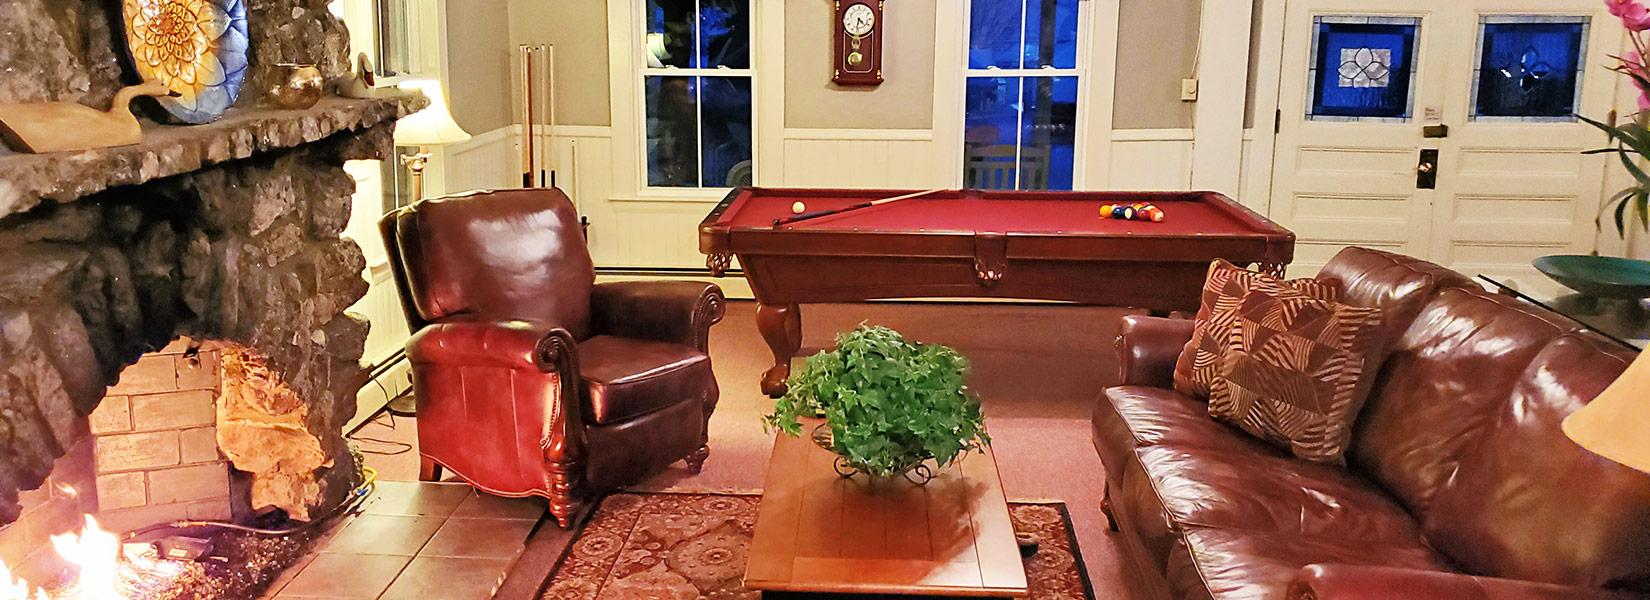 main room at Lakeview Inn